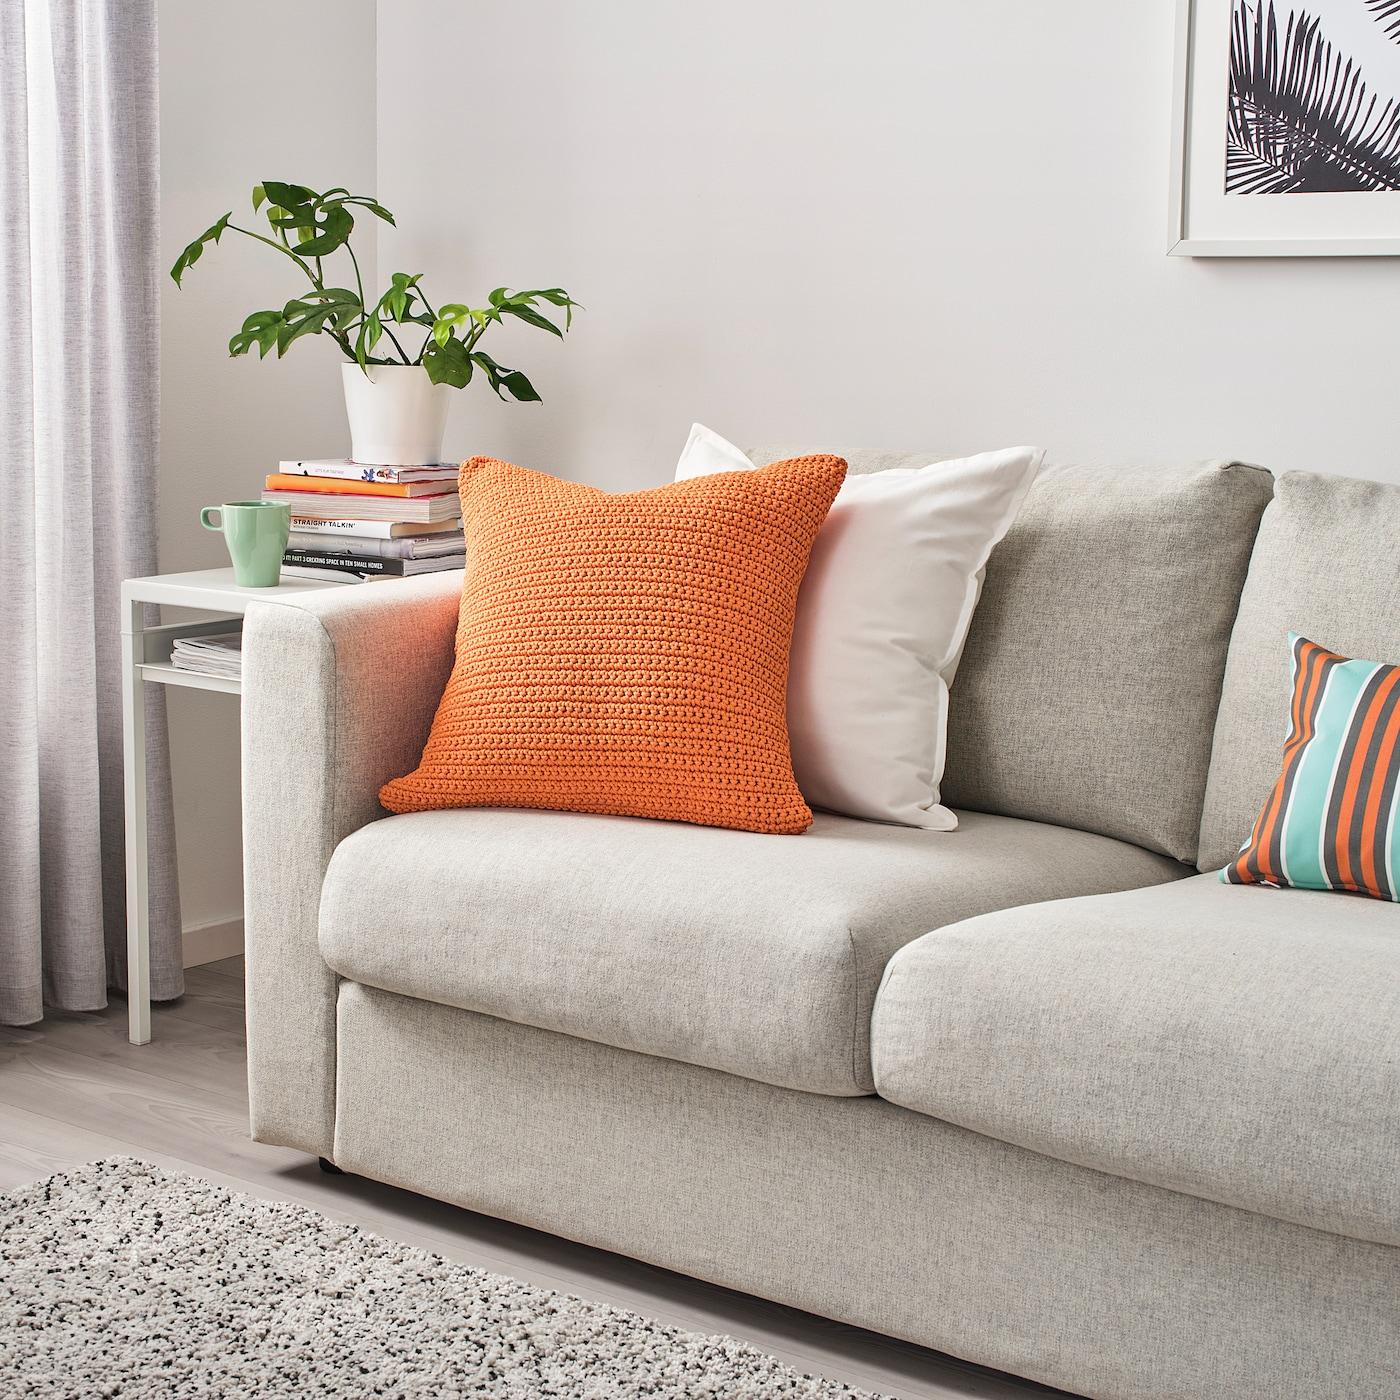 SÖTHOLMEN Pudebetræk, indendørs/udendørs, orange, 50x50 cm